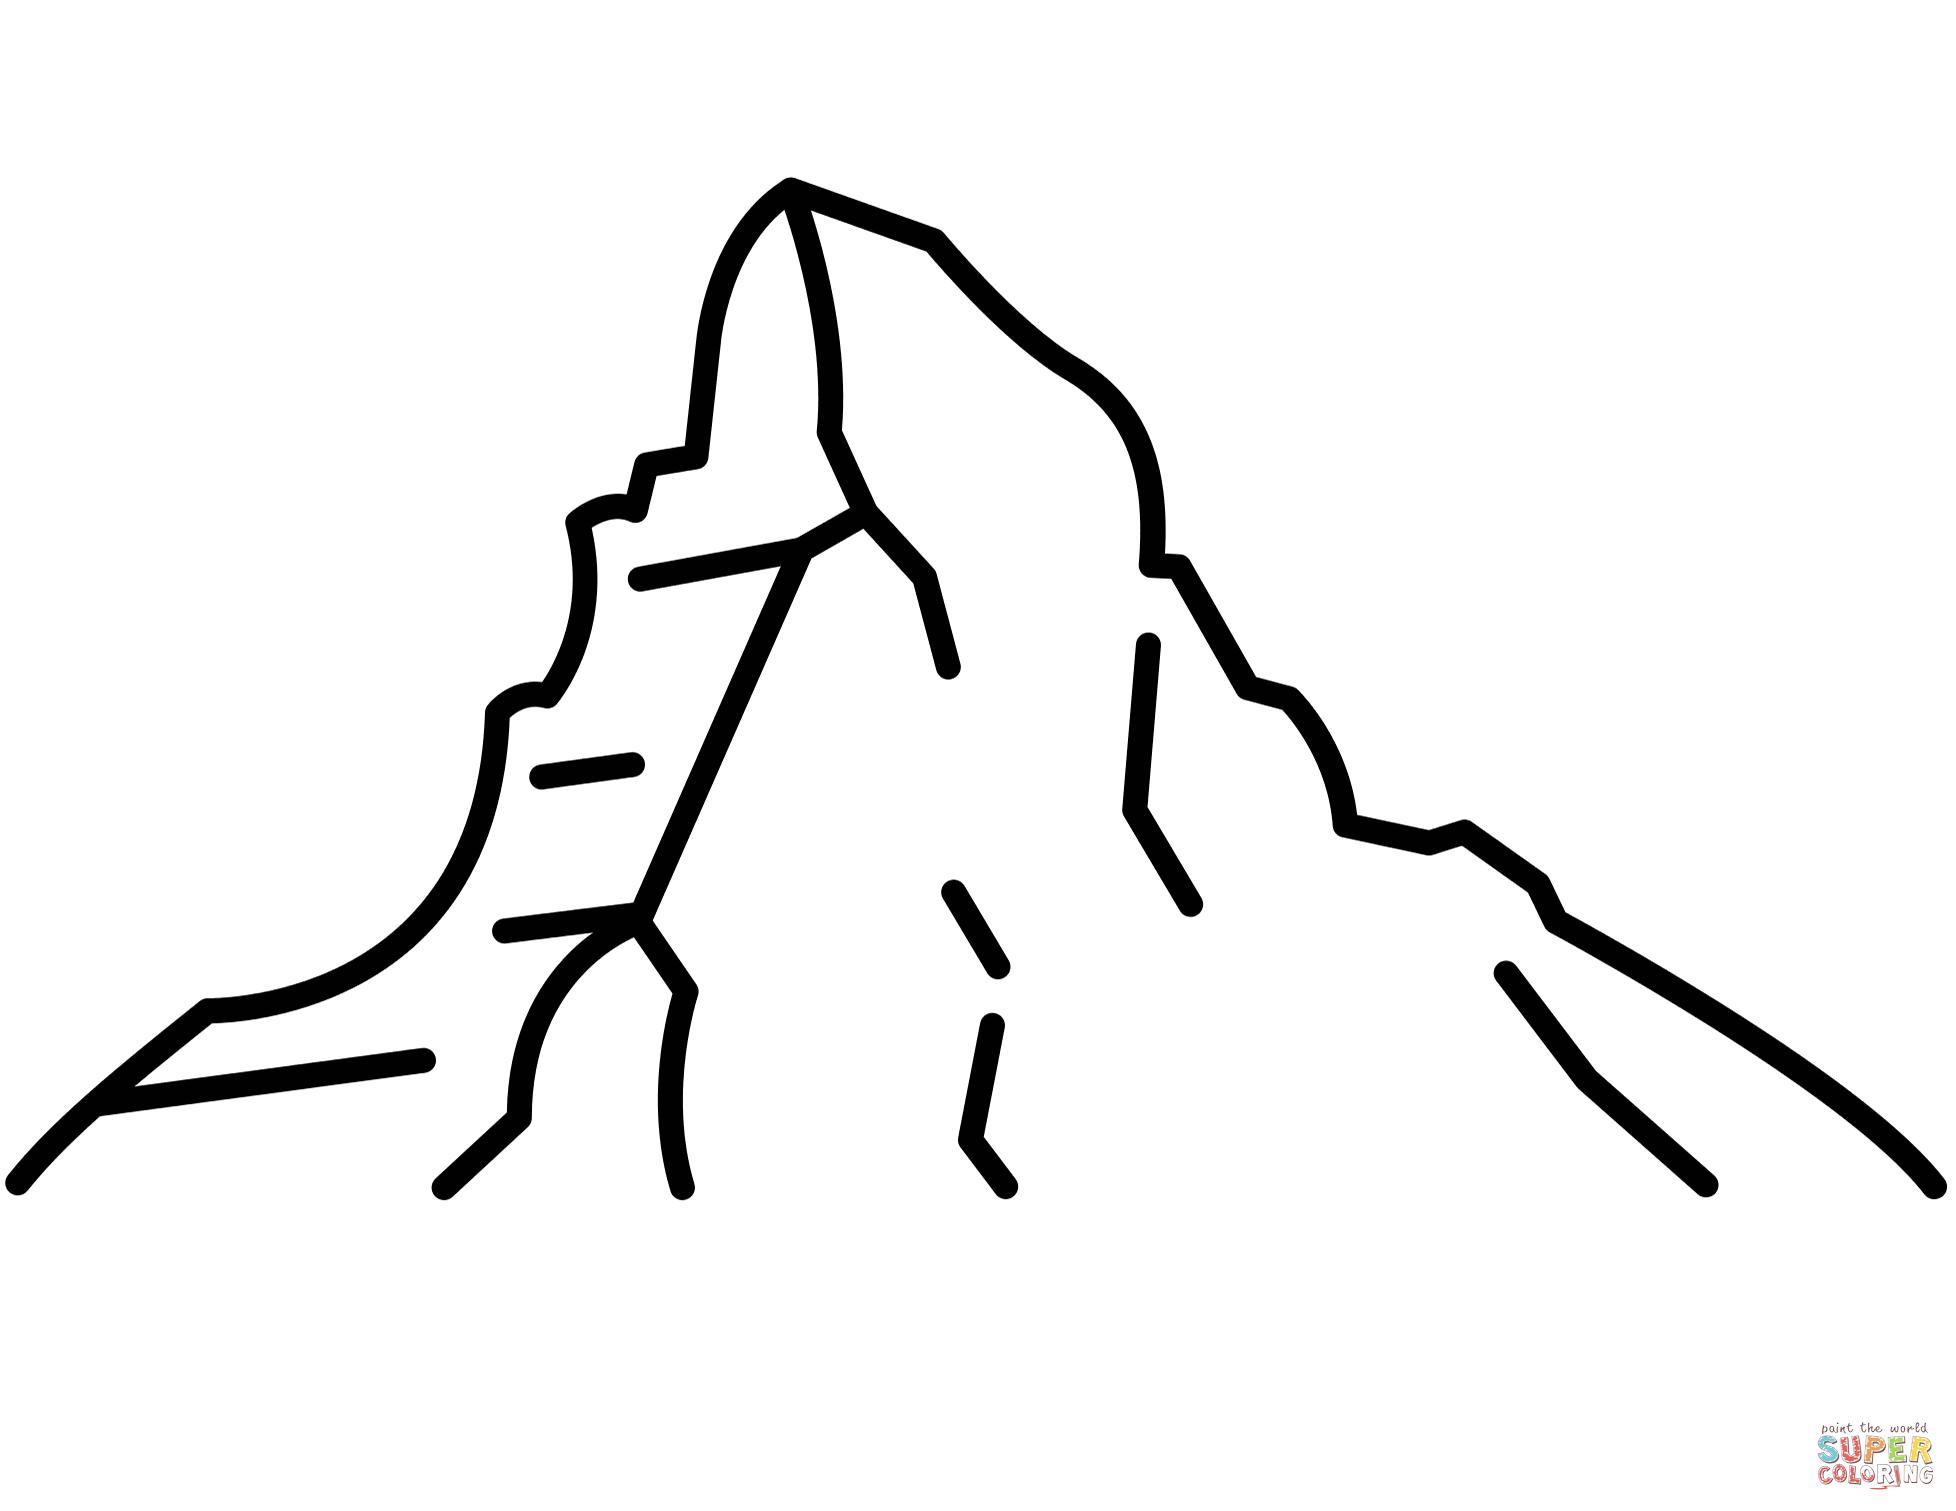 Matterhorn clipart #16, Download drawings